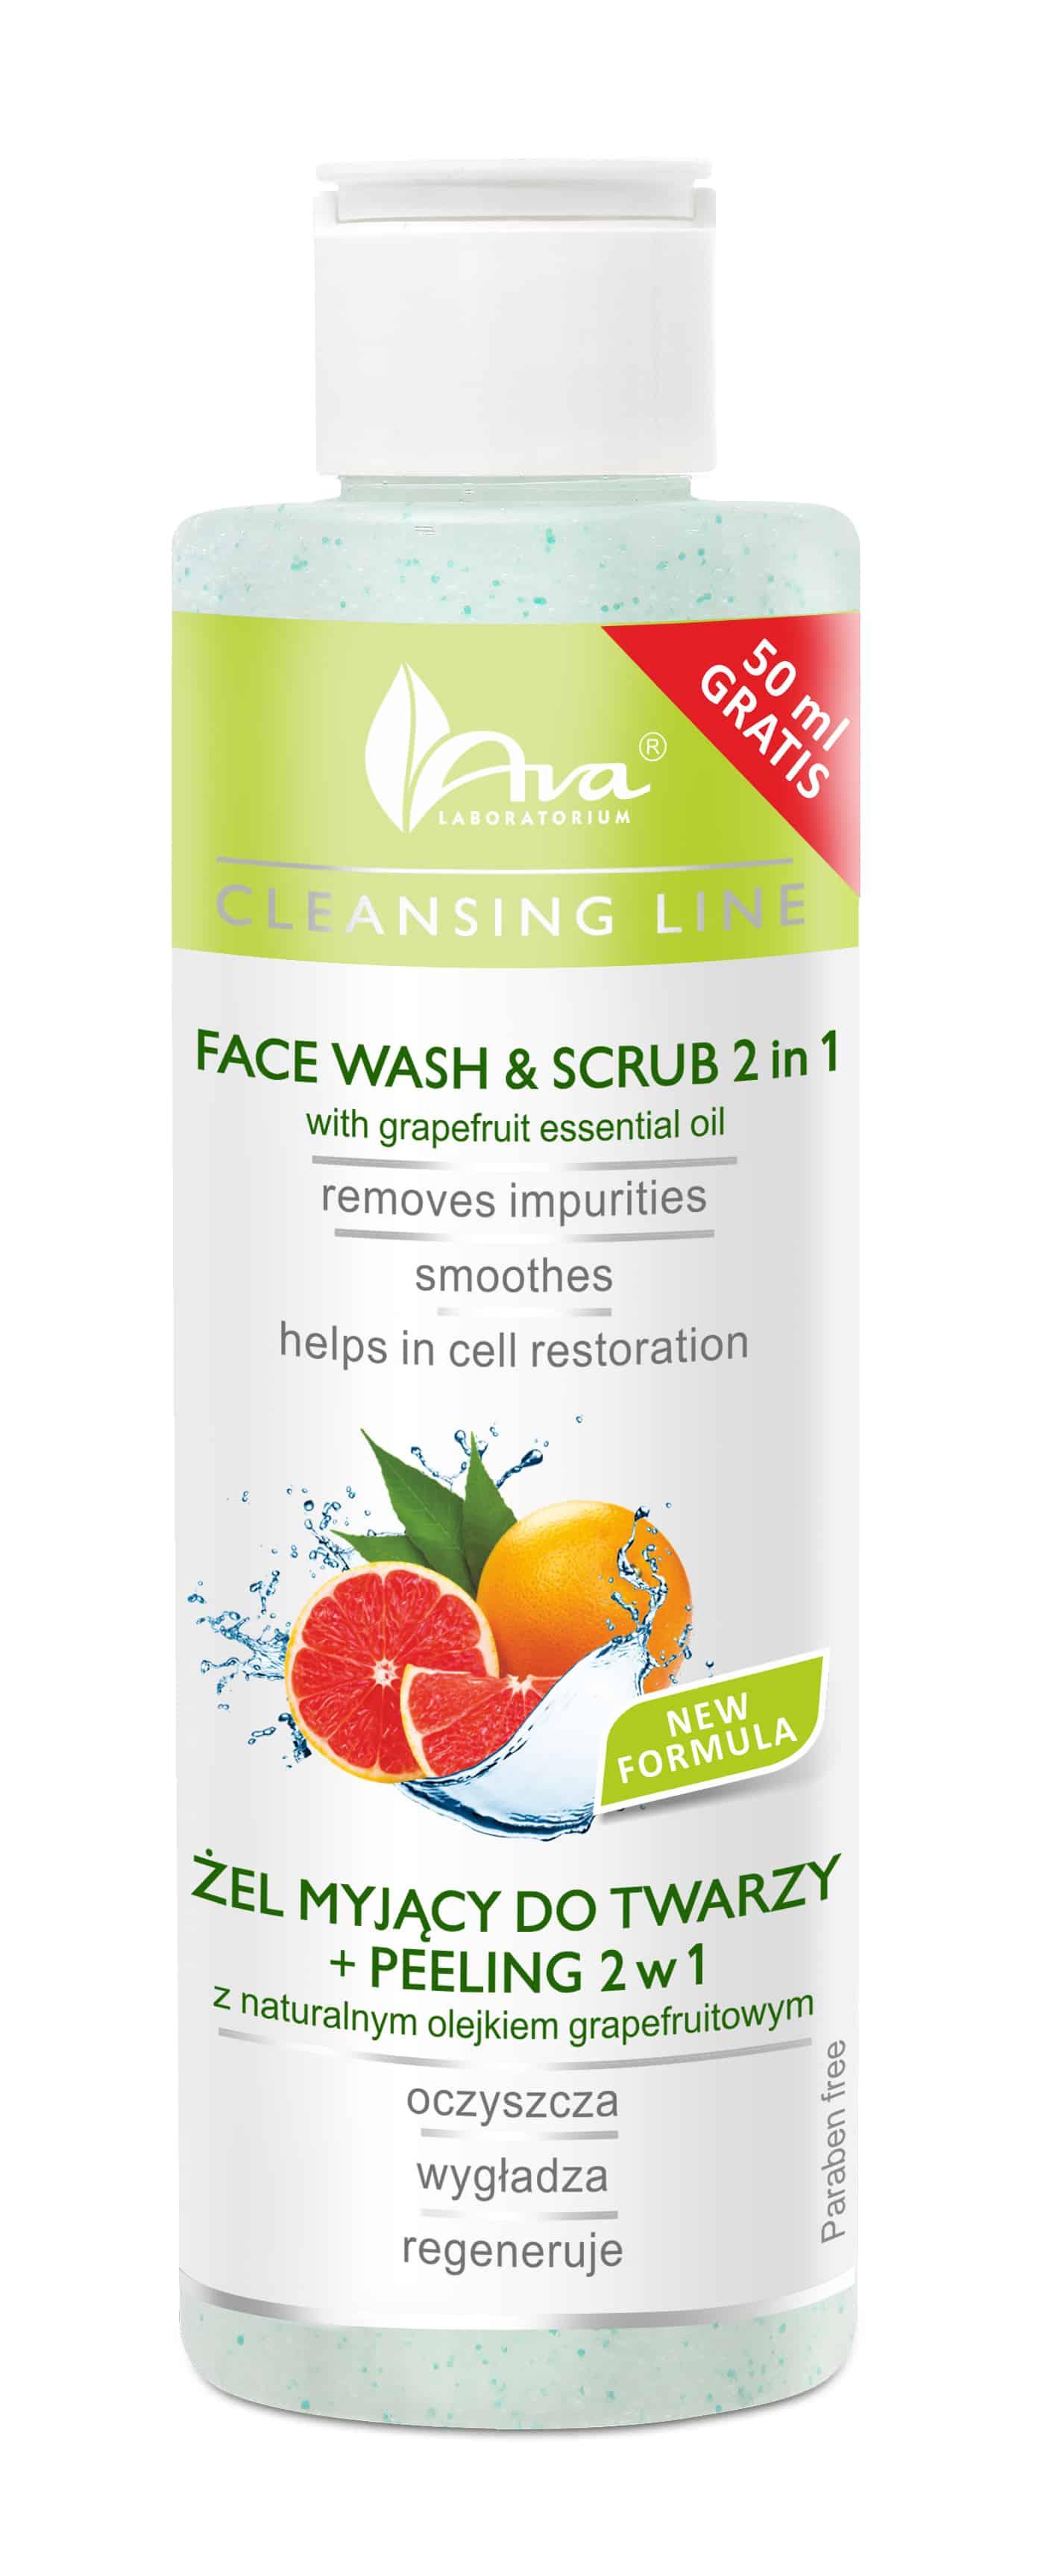 face wash & scrub 2in1